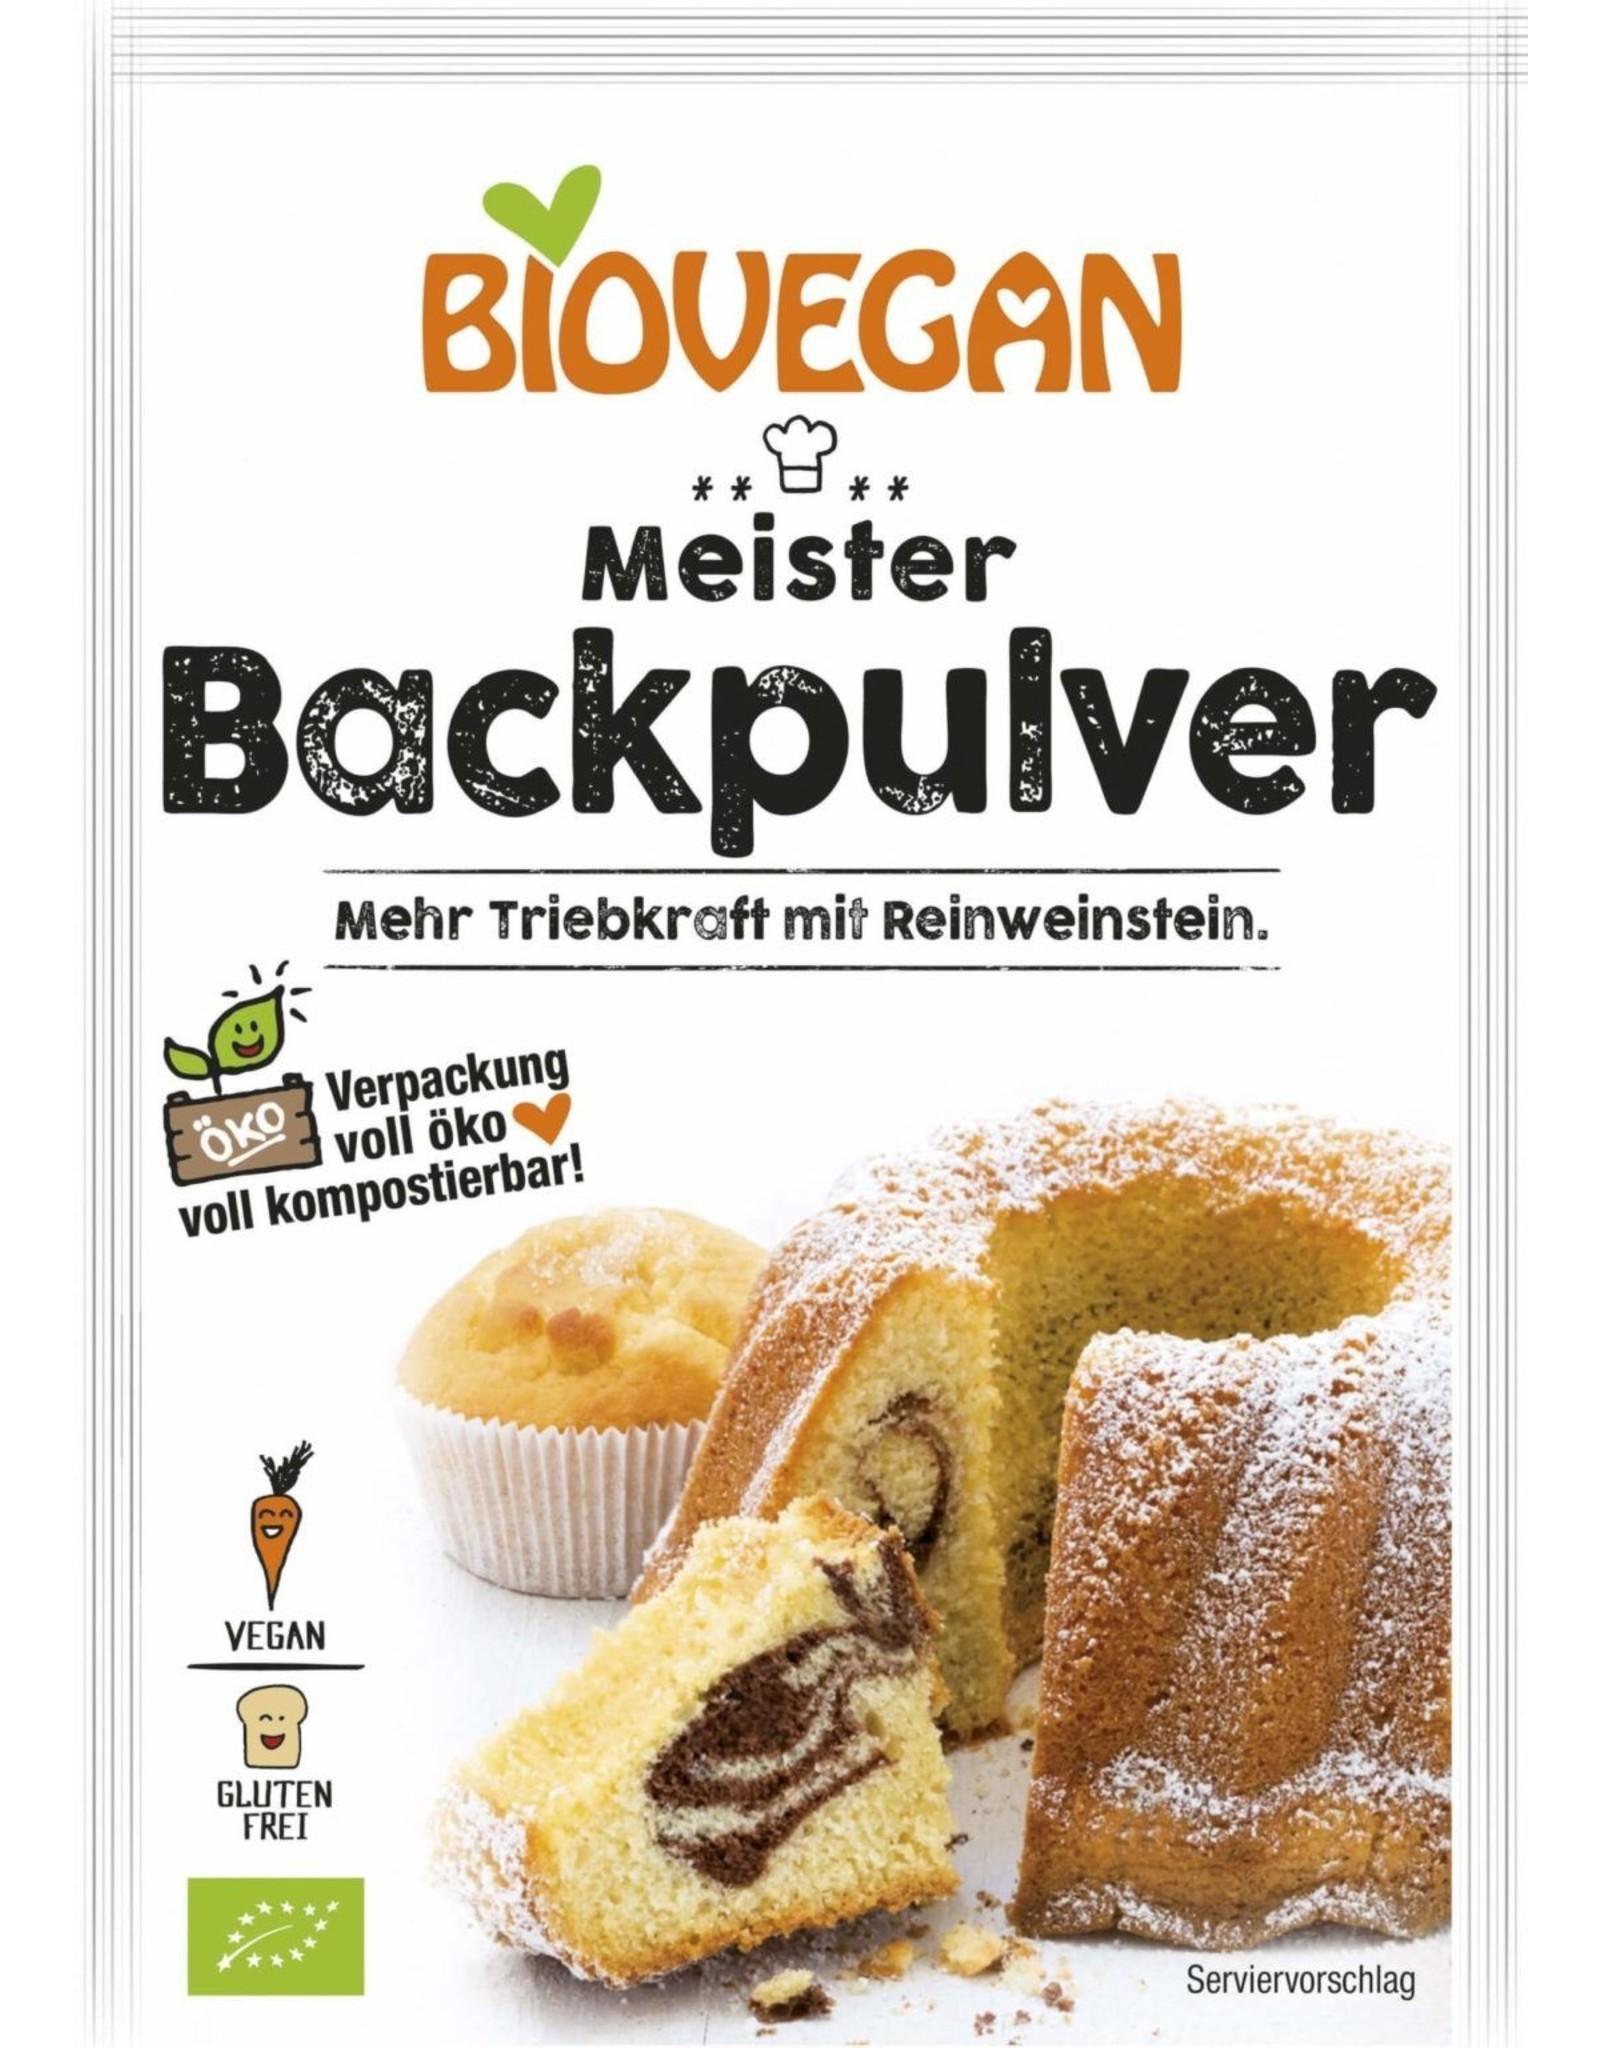 BIOVEGAN Meister Backpulver, BIO, 3x17g